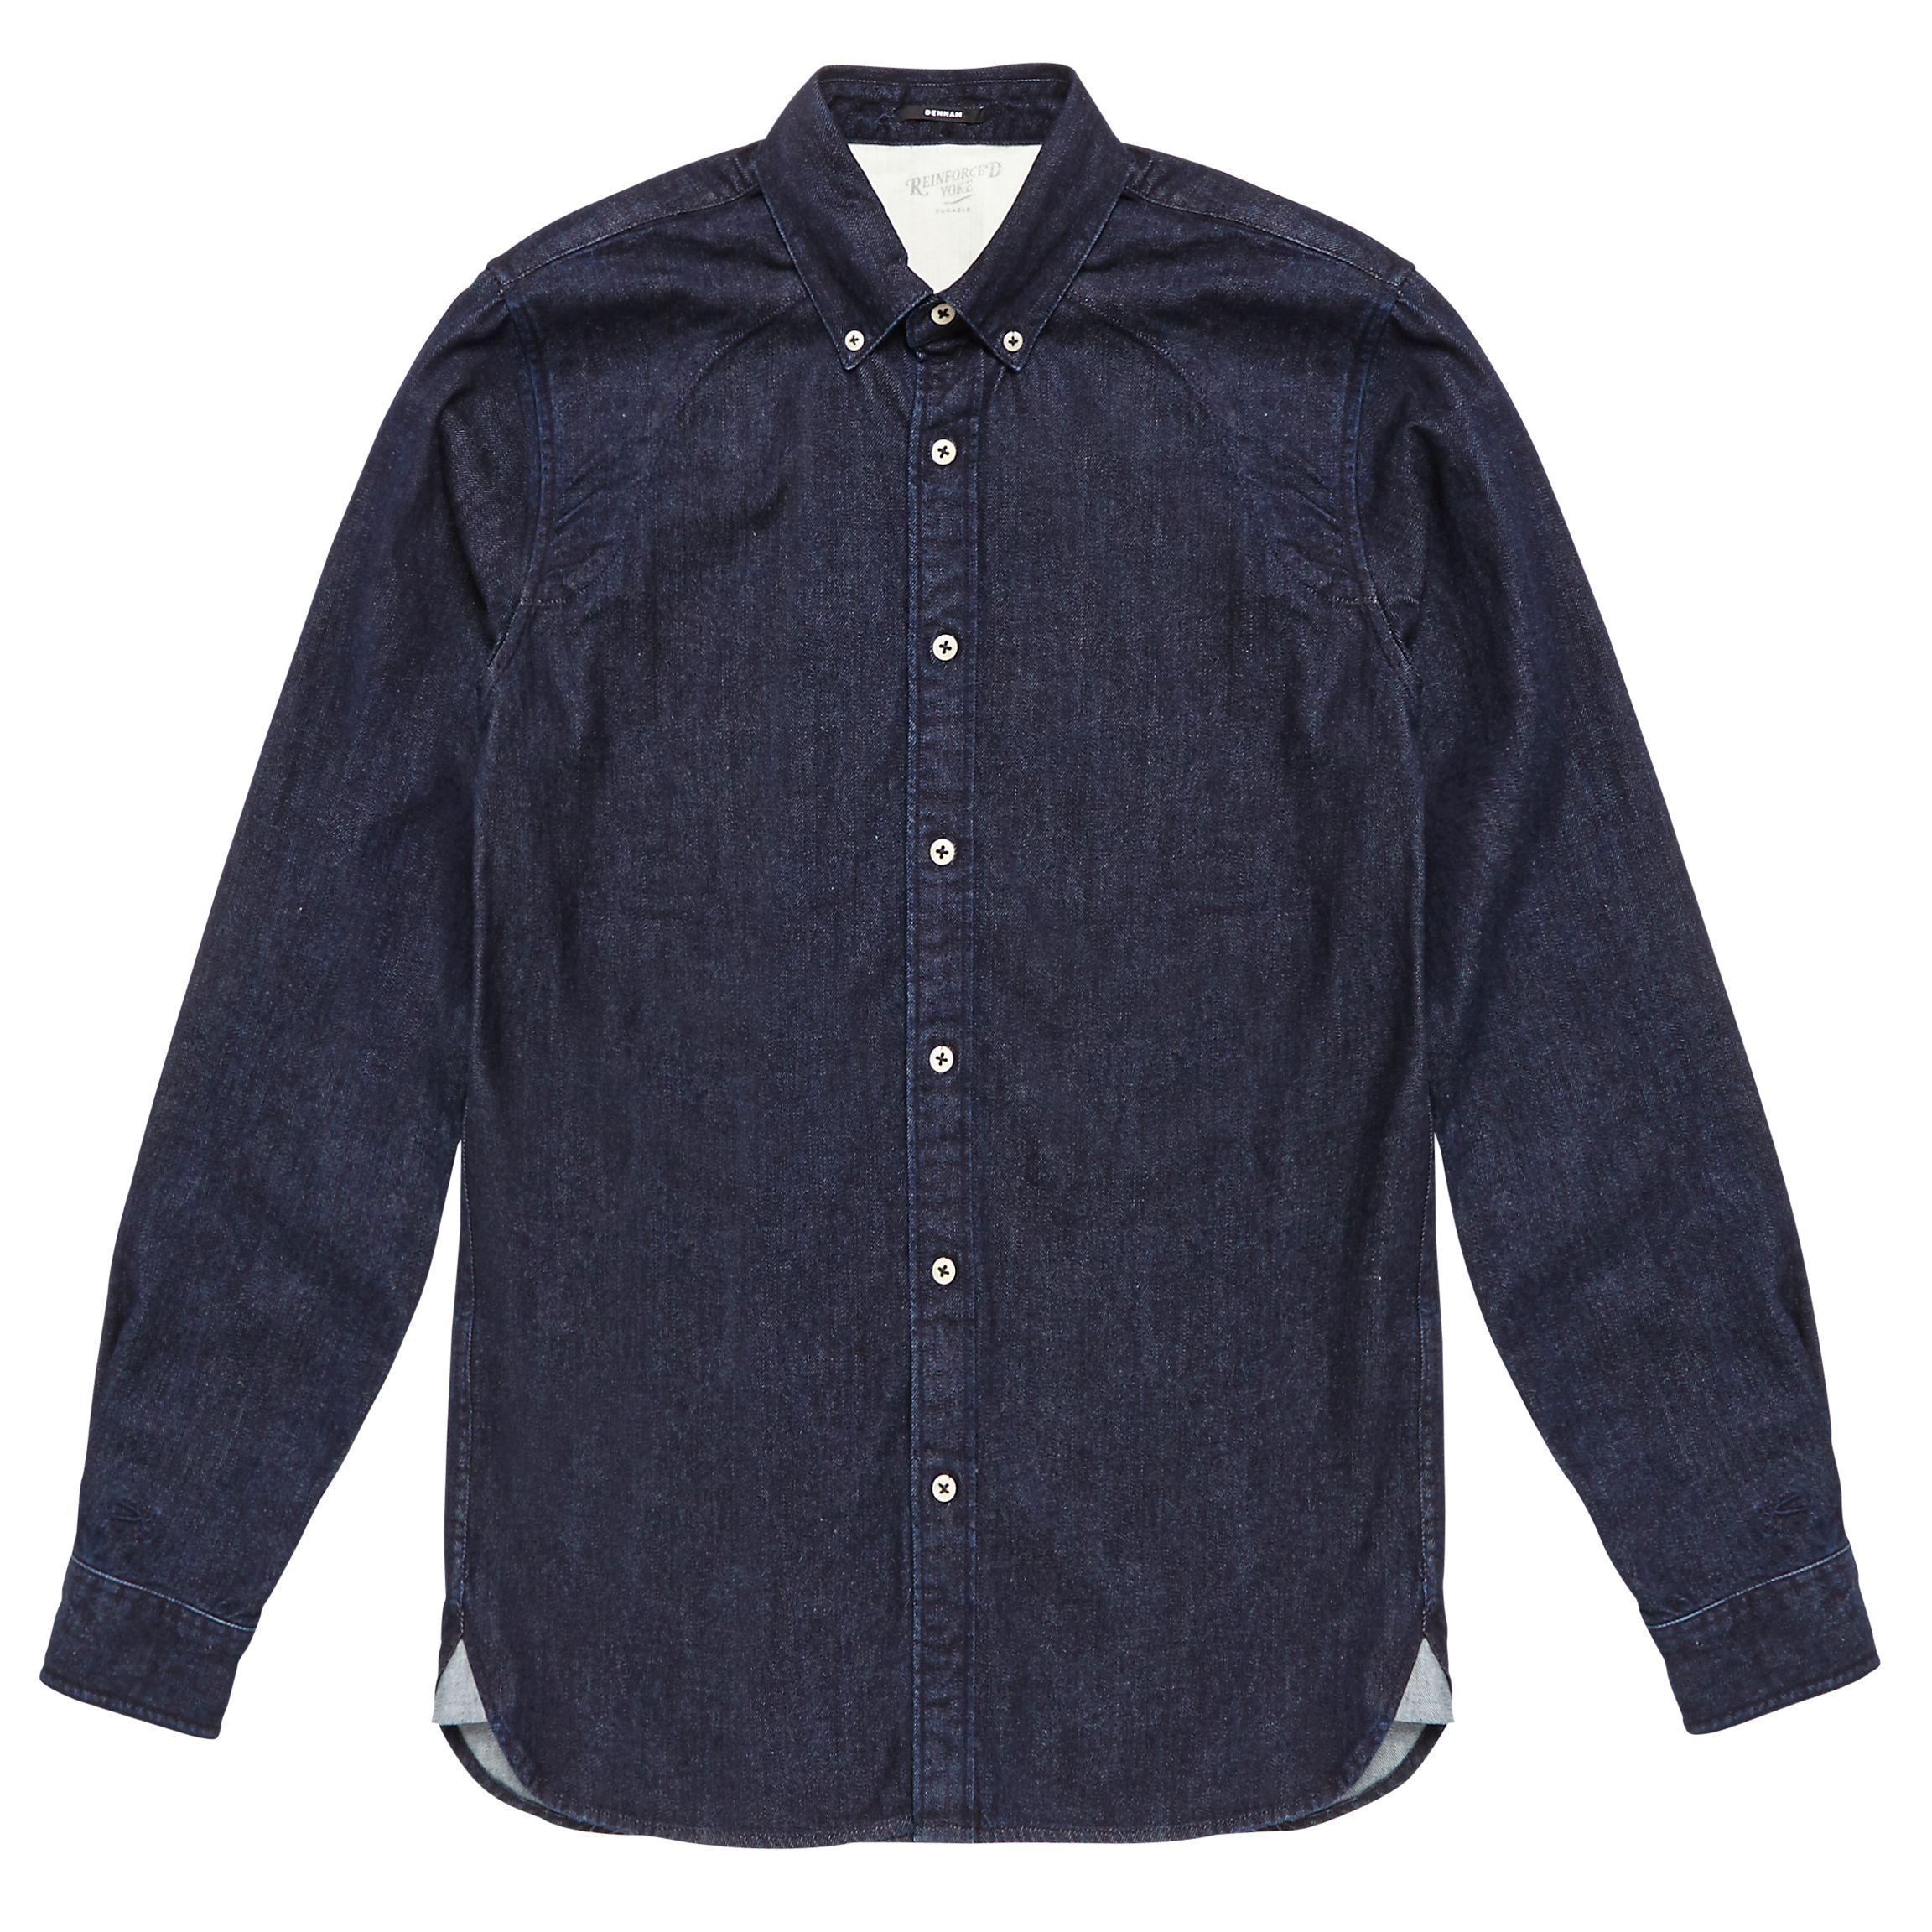 Denham Denham Rhys Denim Shirt, Dark Indigo